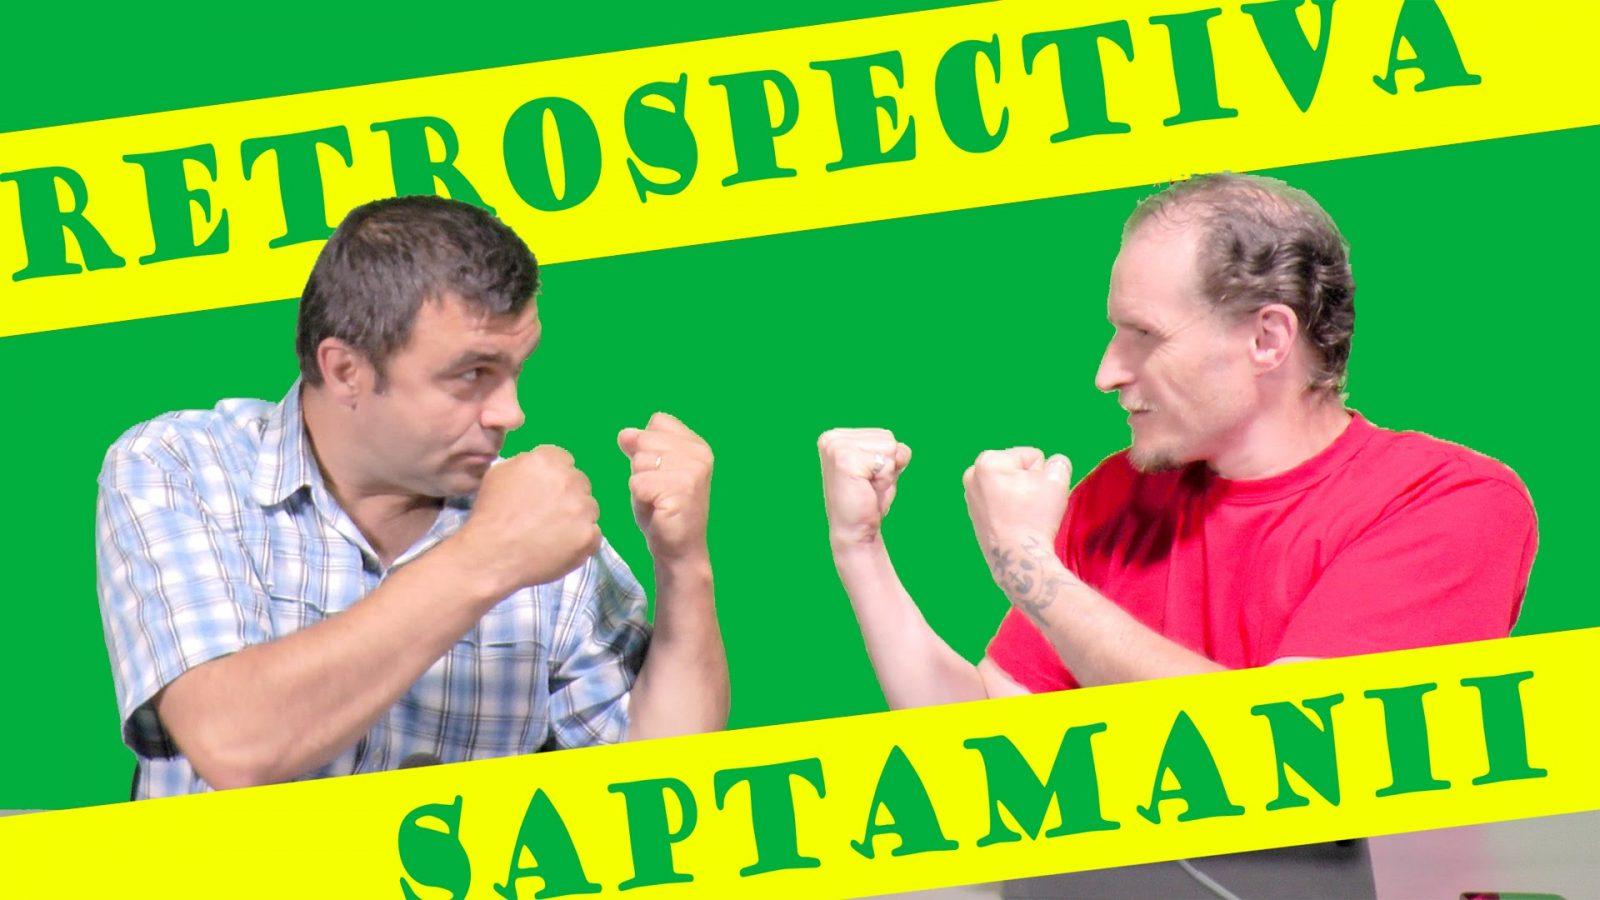 RETROSPECTIVA SAPTAMANII – 9.09.2016